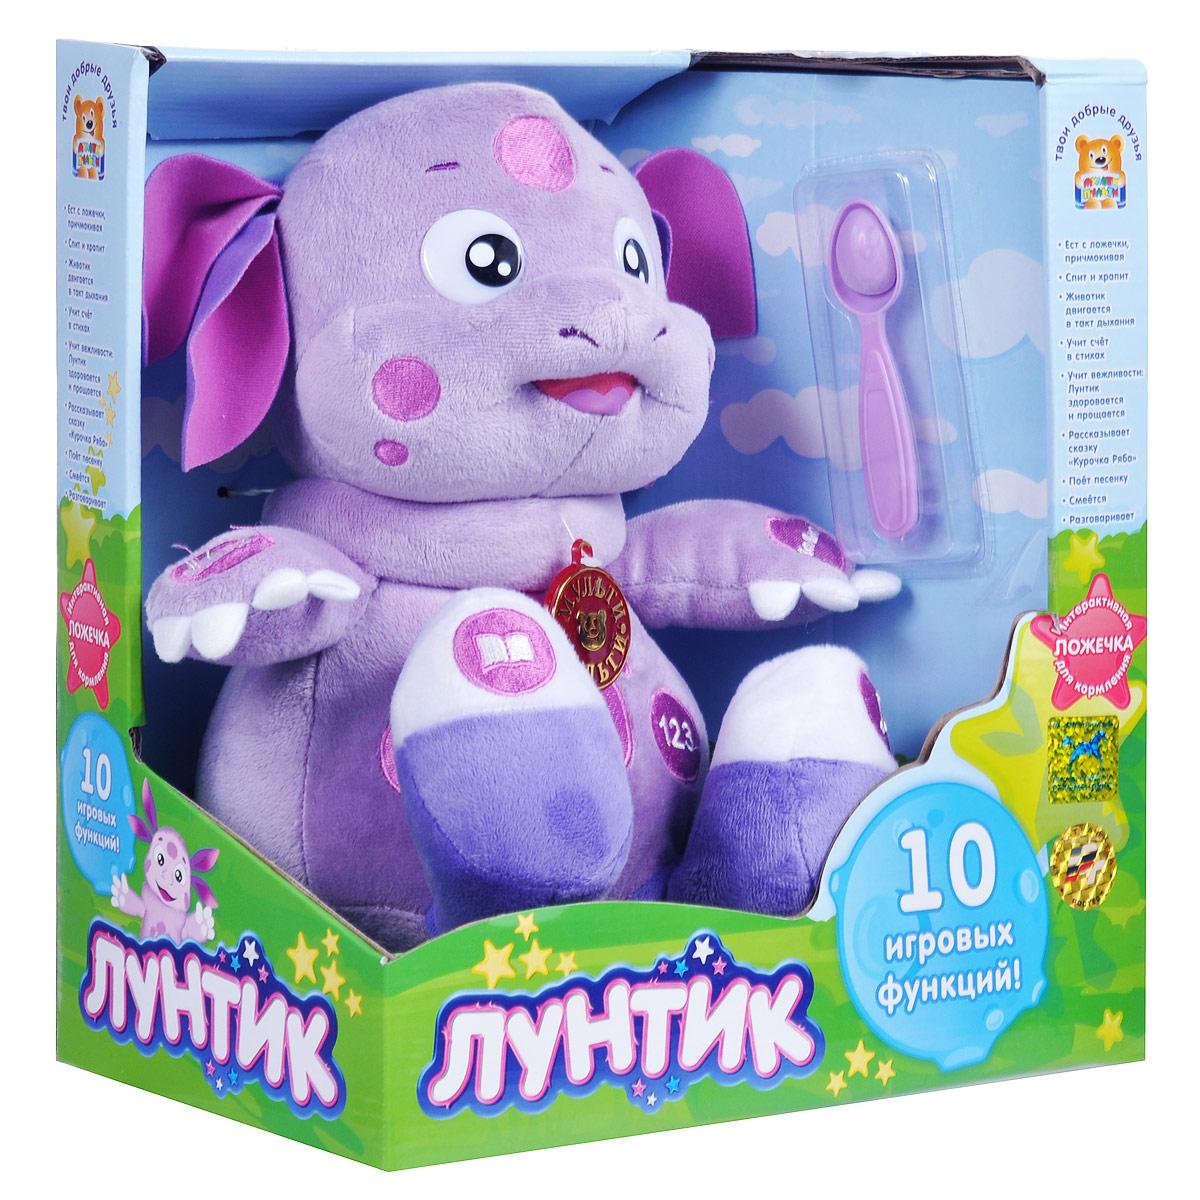 Мягкая интерактивная игрушка Мульти-Пульти Лунтик, 25 см лунтик и его друзья дртр 1508 занимальный блокнот